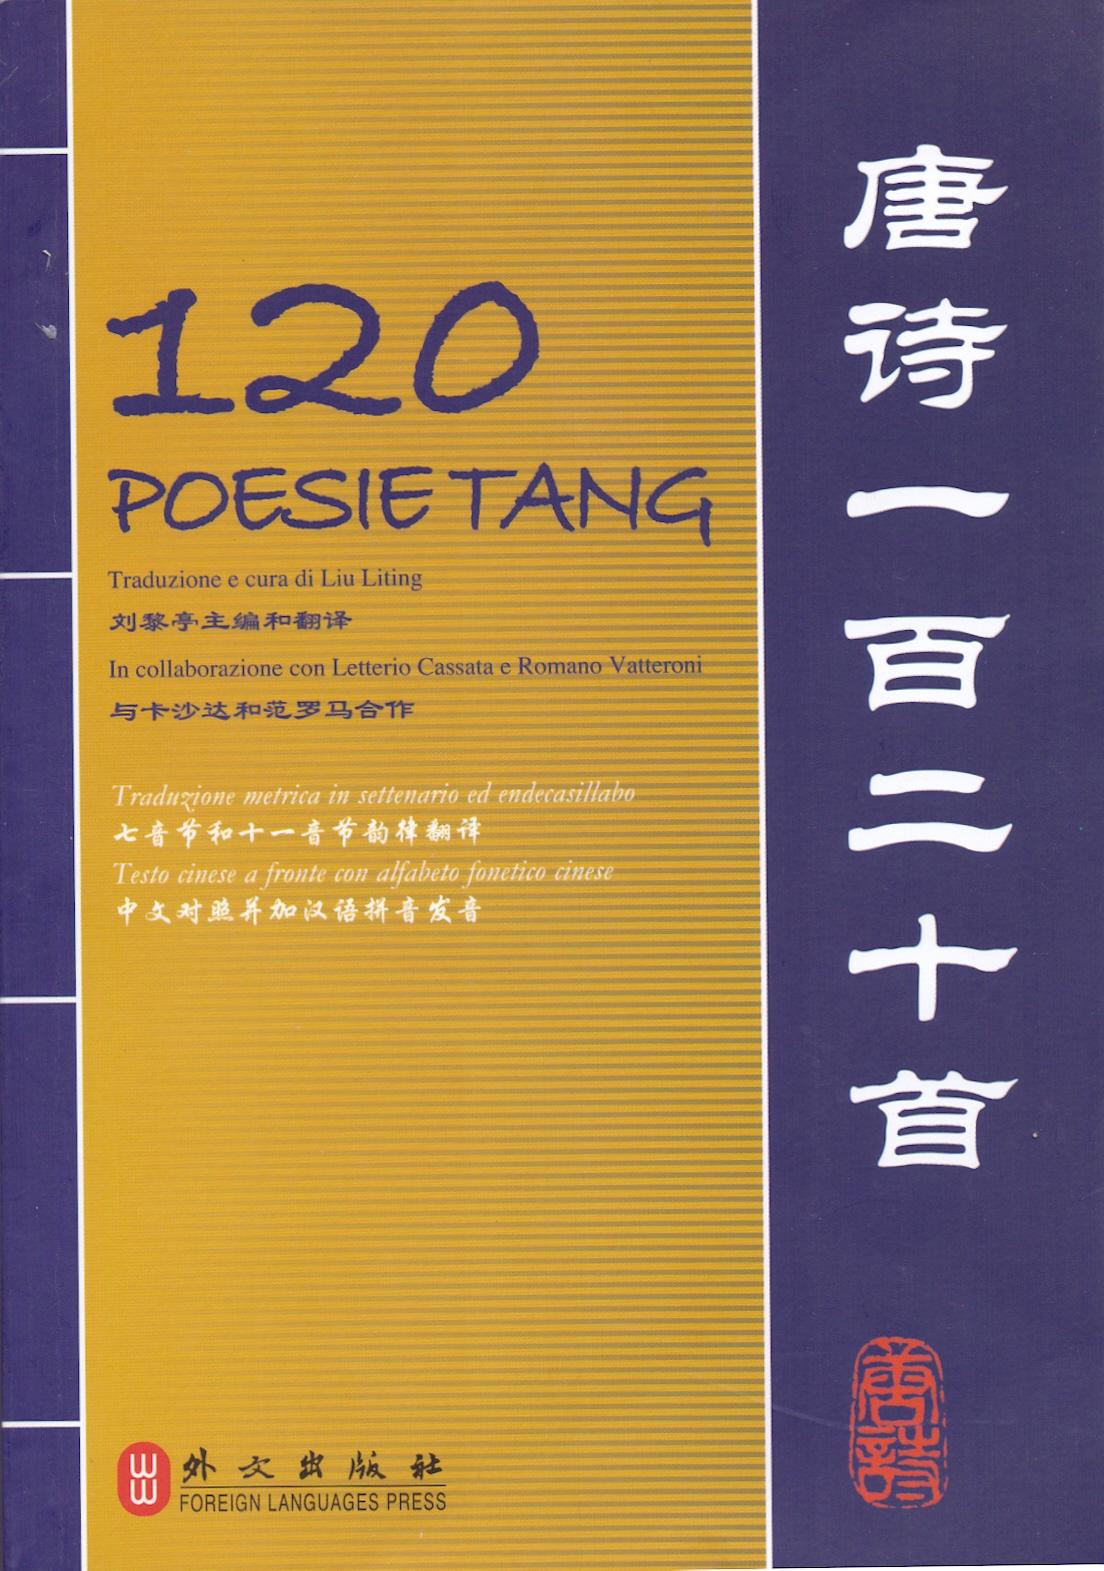 120 poesie T'ang